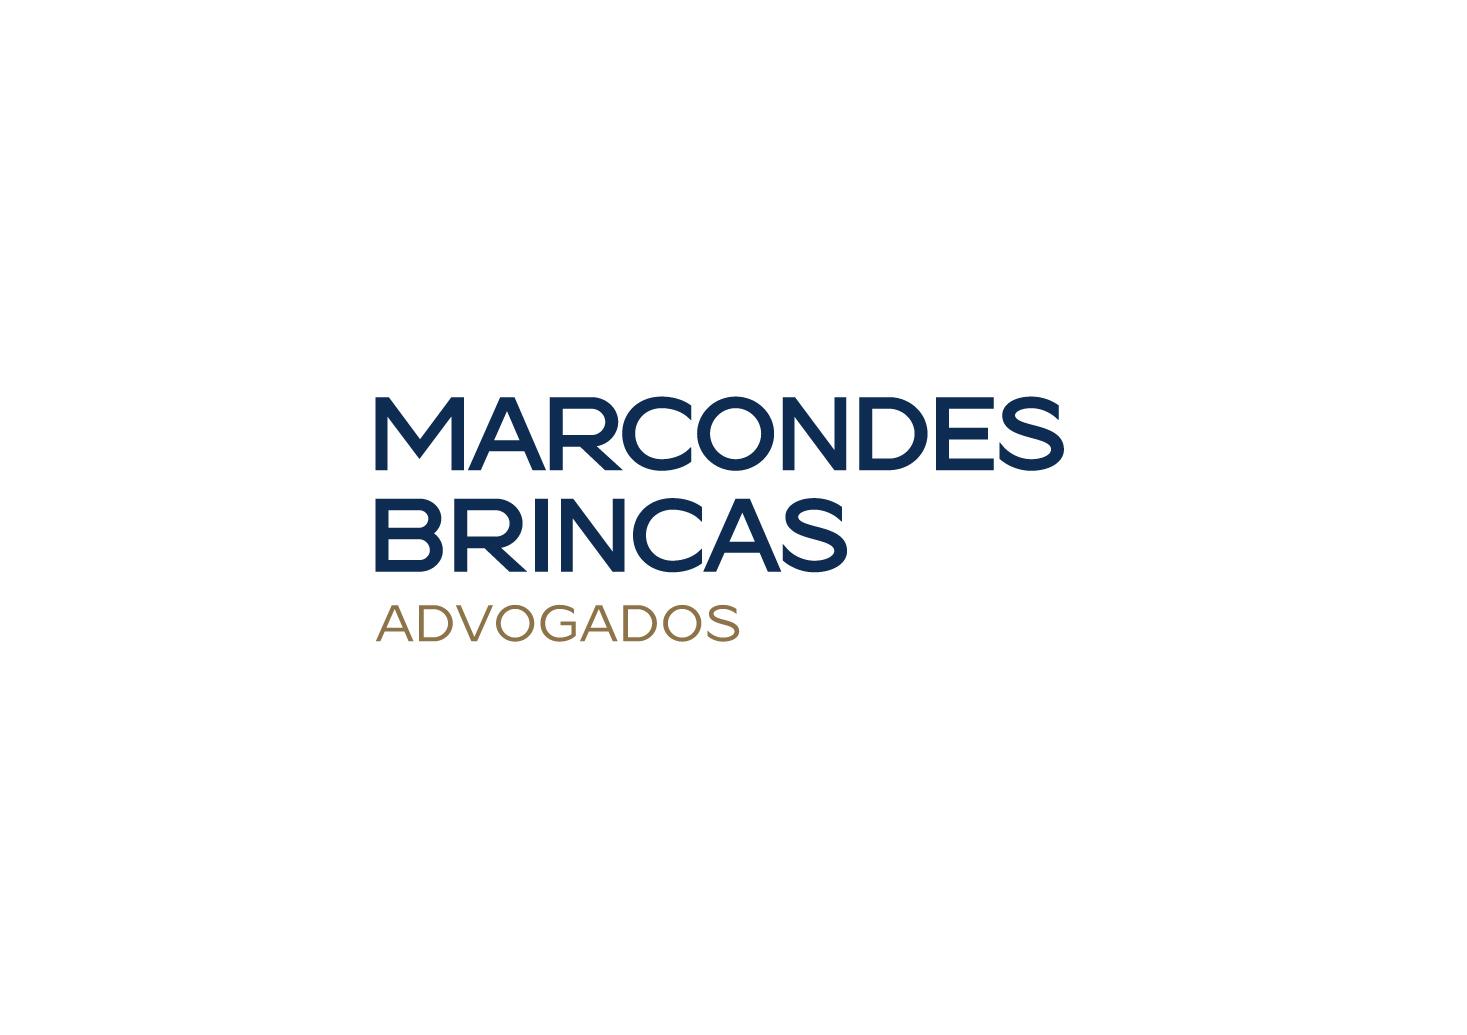 Logotipo AABQ Marcondes Brincas Advogados